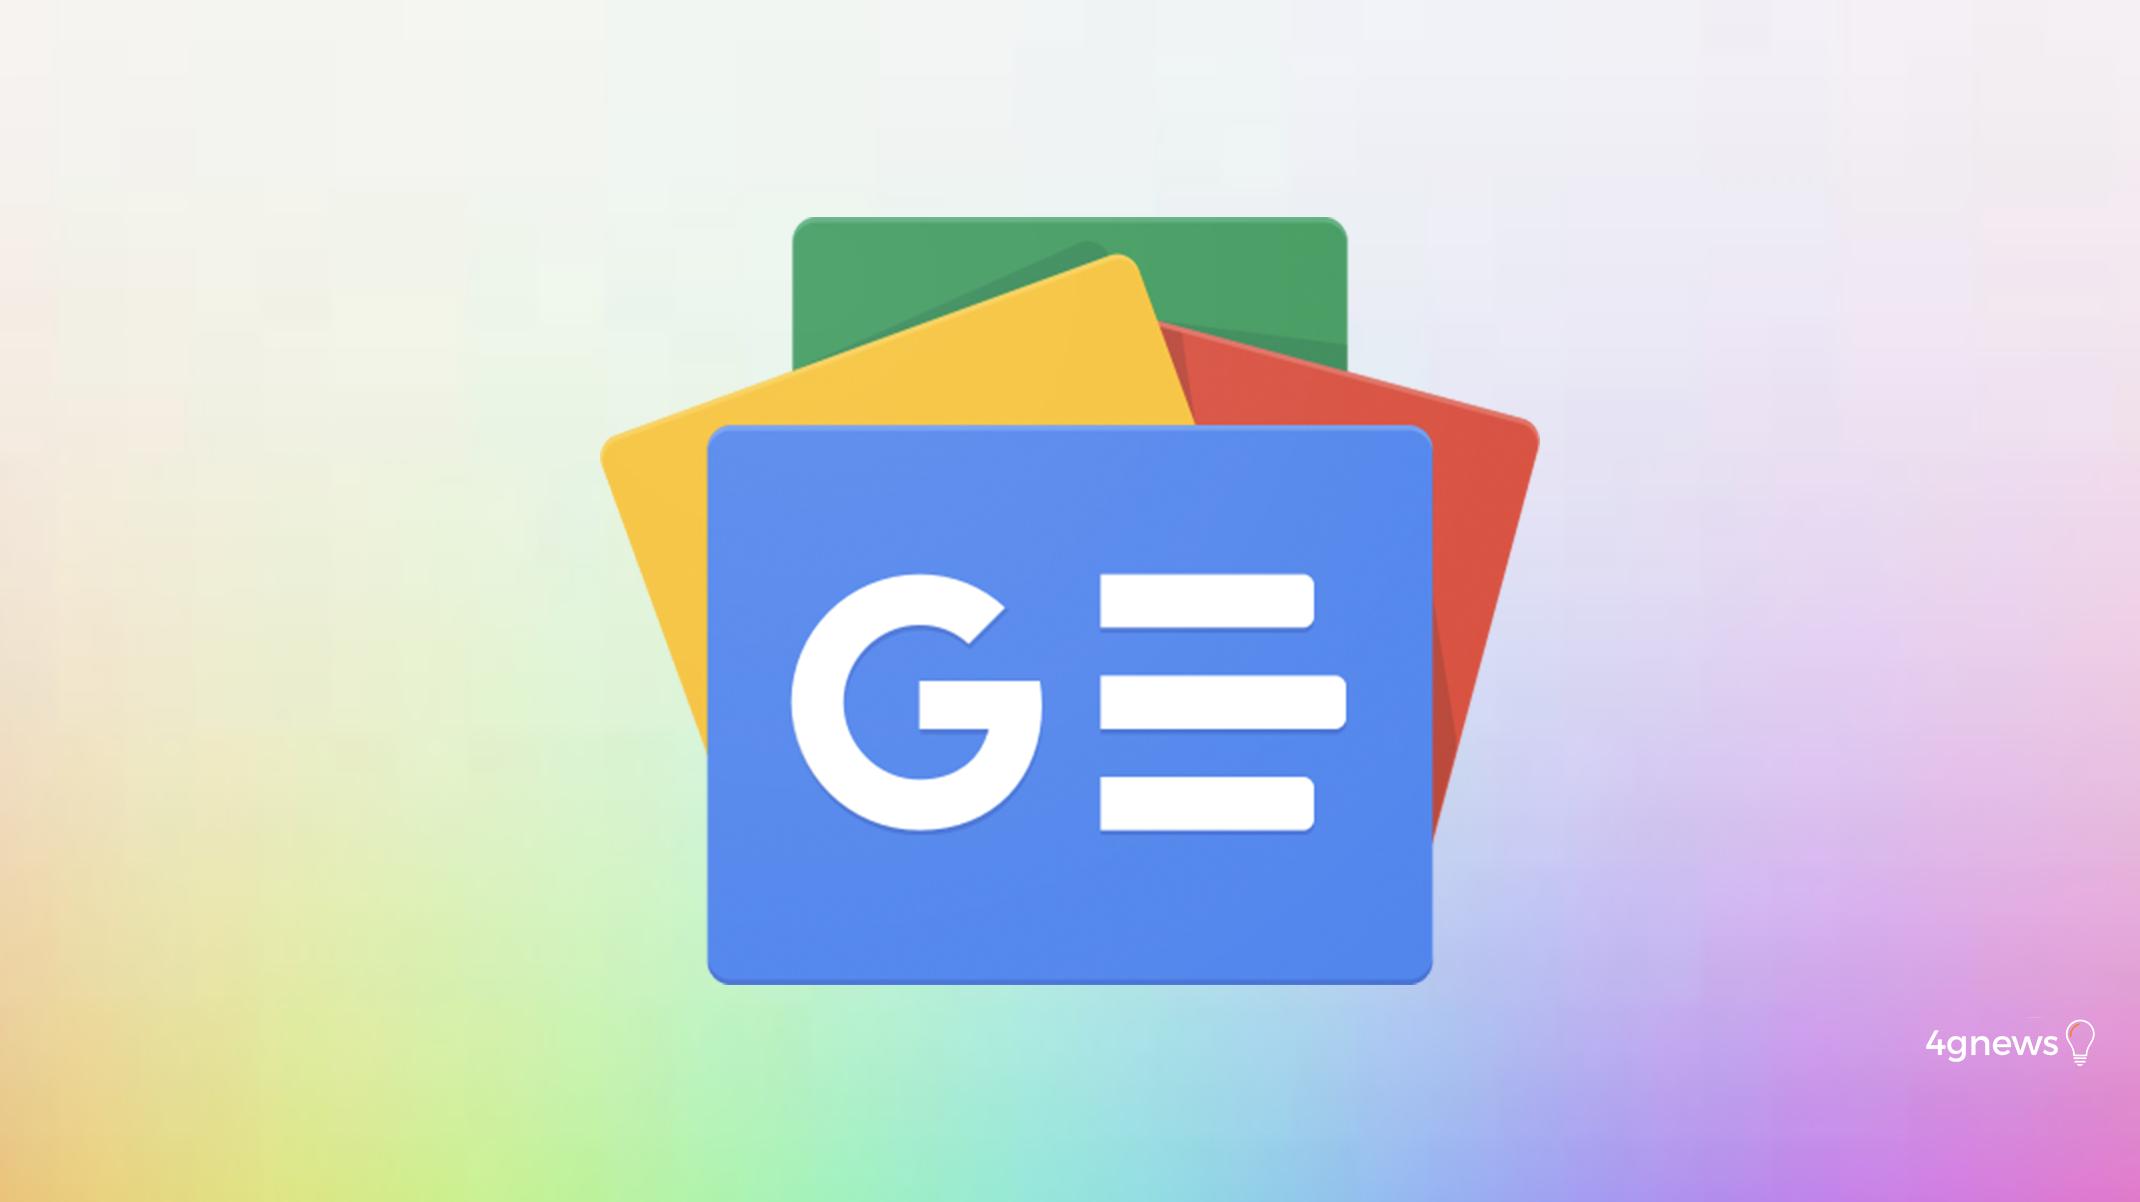 Notícias Google prepara-se para ficar ainda melhor com nova atualização